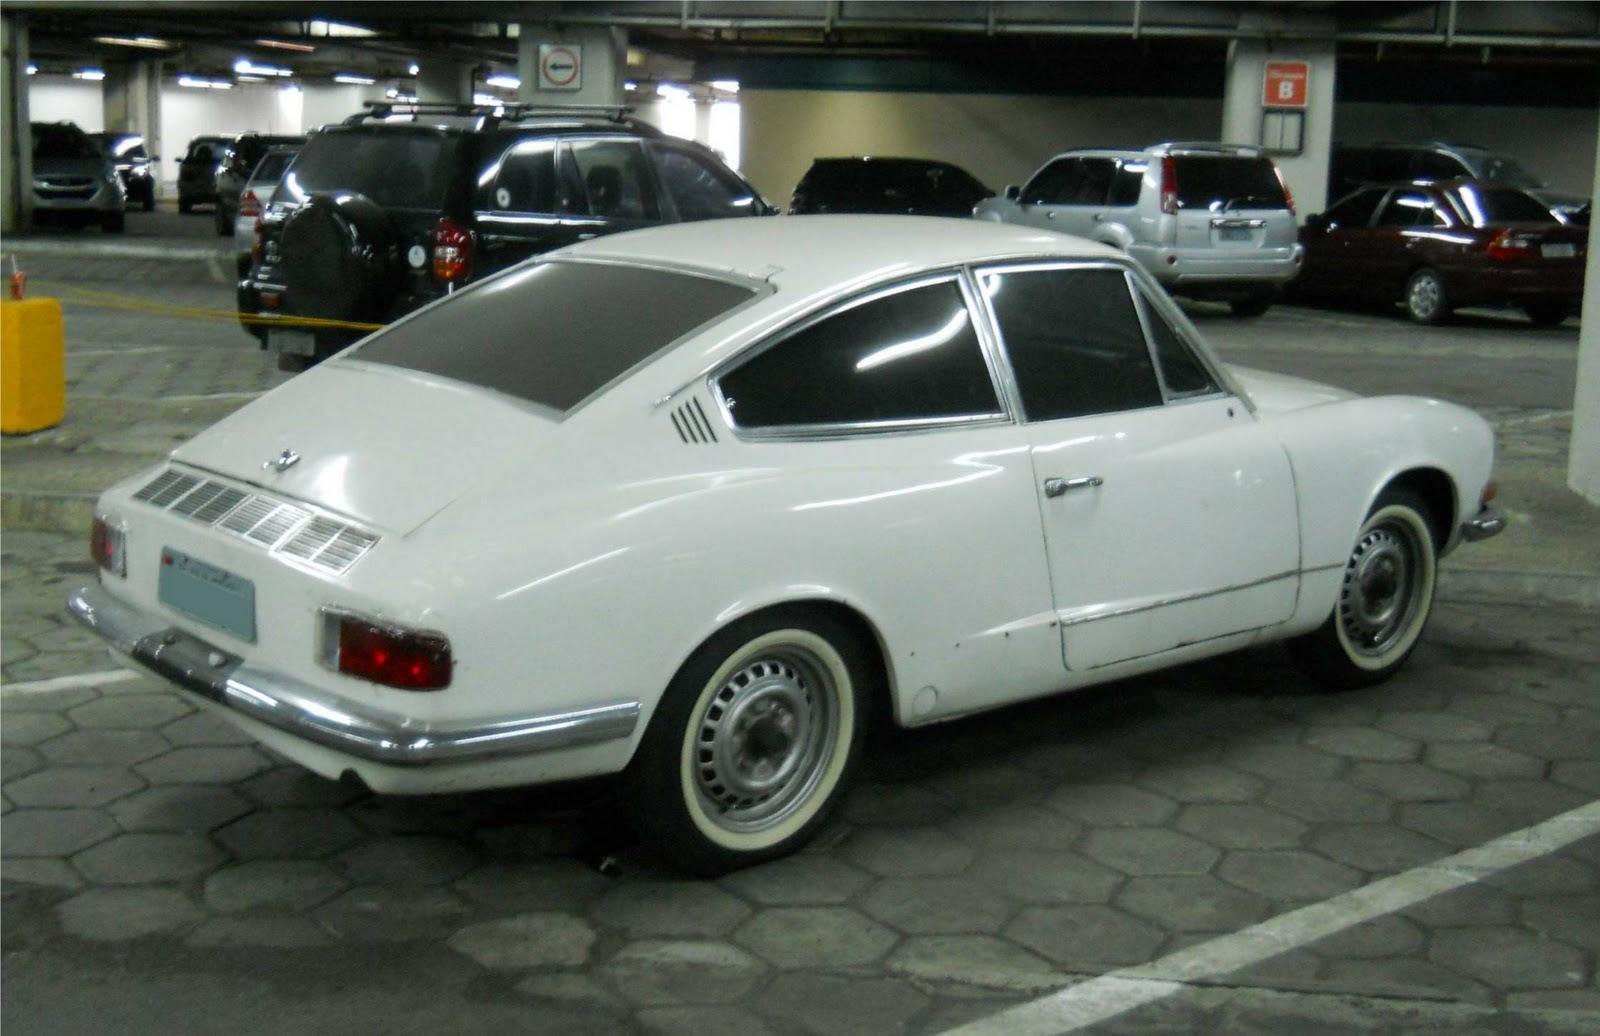 Registros Automotivos Do Cotidiano Revisitando Vw Karmann Ghia Tc 1975 Volkswagen